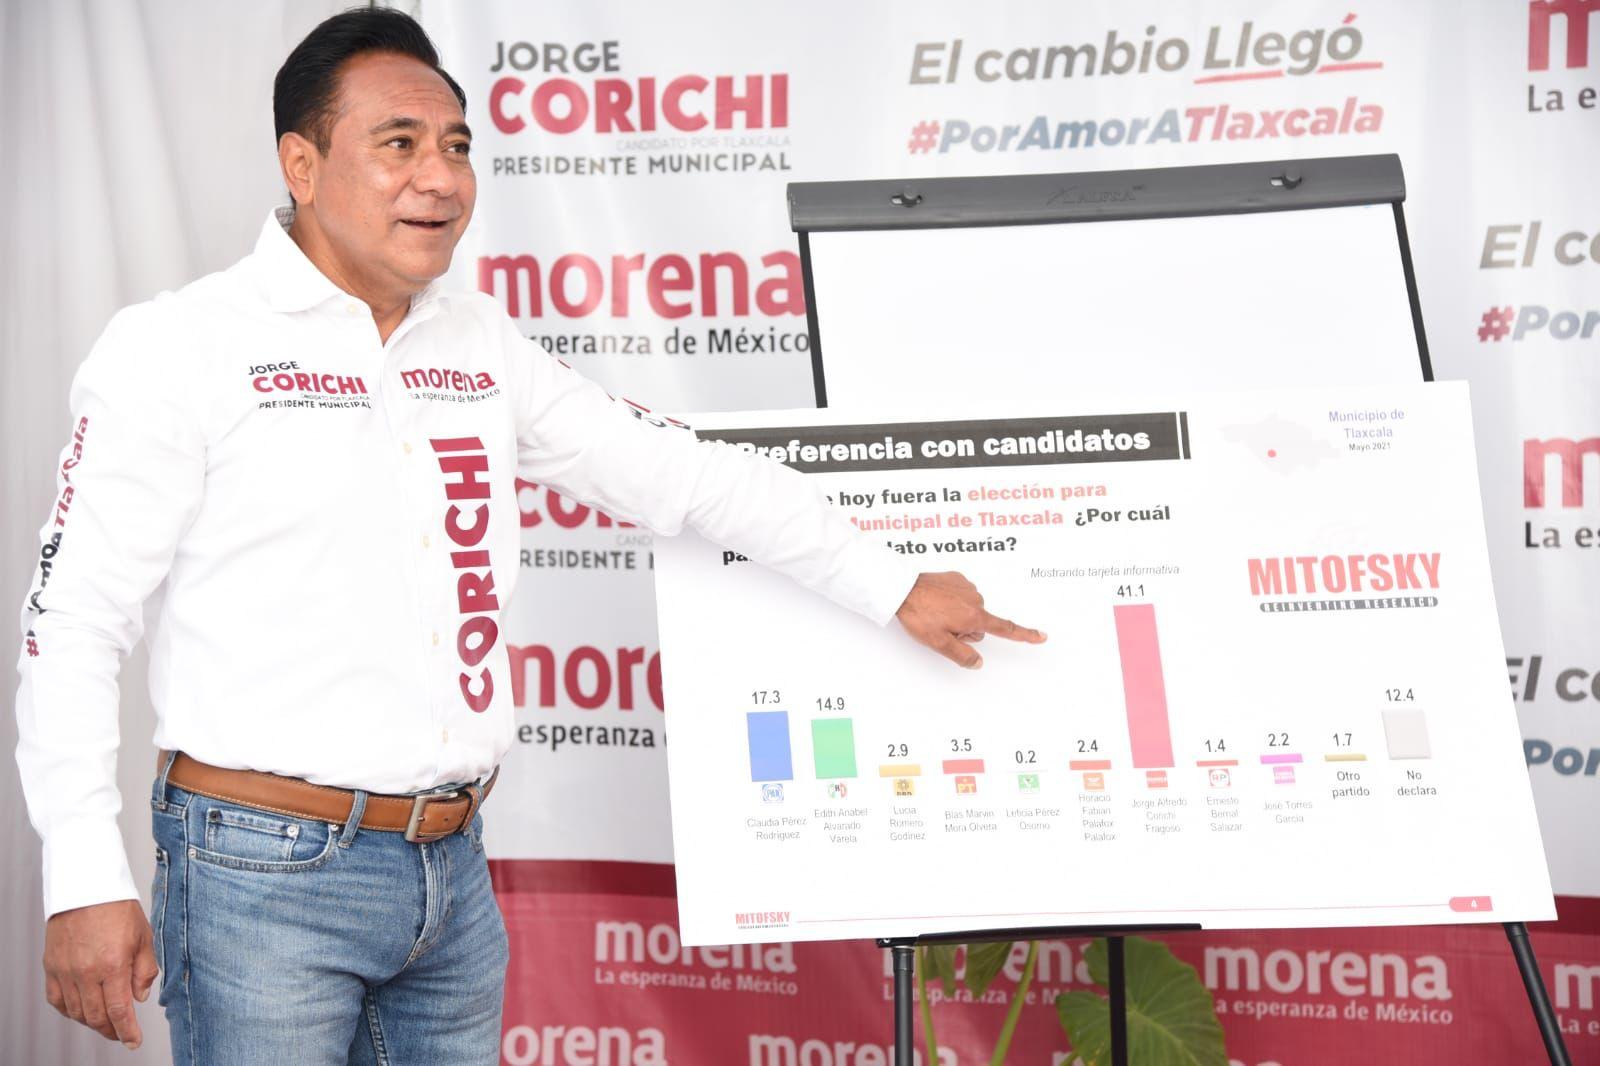 El 6 de junio triunfará el pueblo: Jorge Corichi